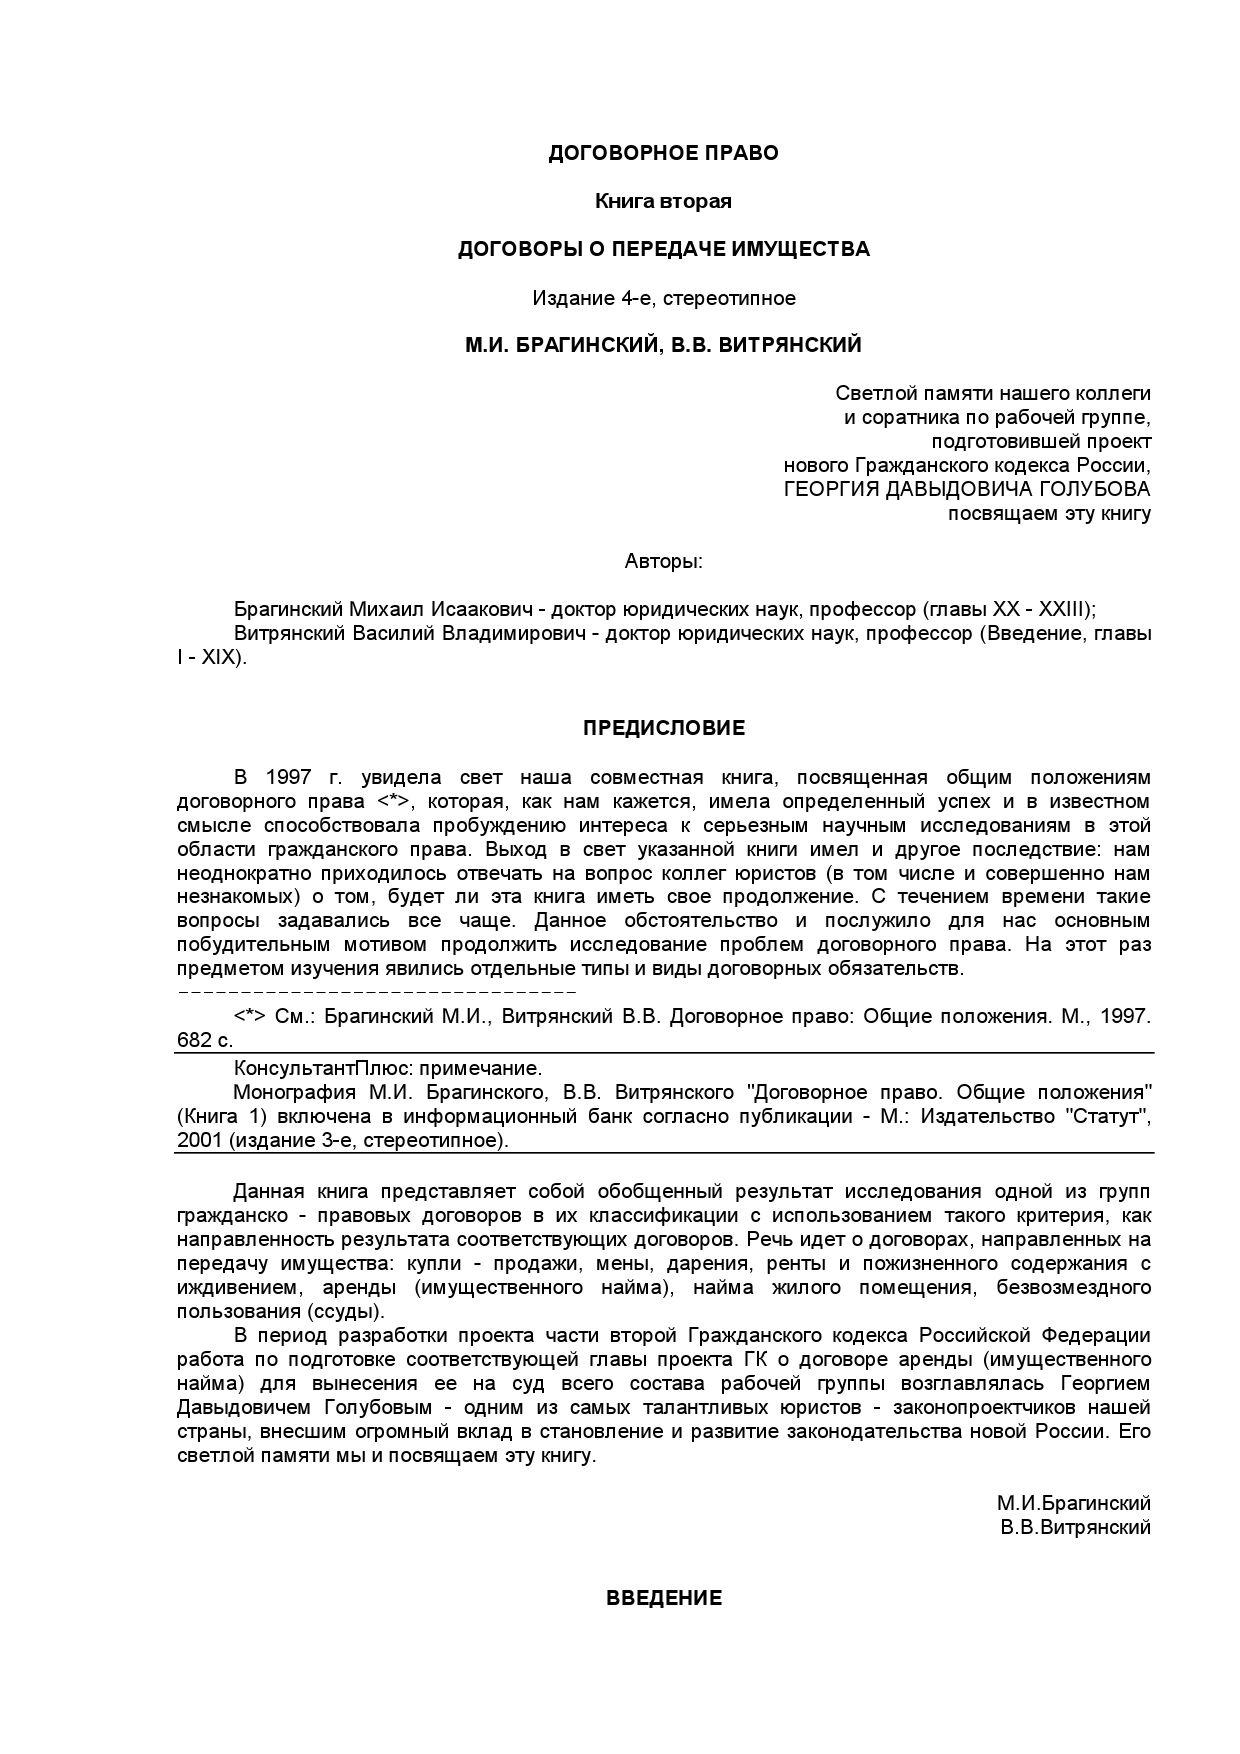 кредит на 3 миллиона рублей на 10 лет в сбербанке калькулятор